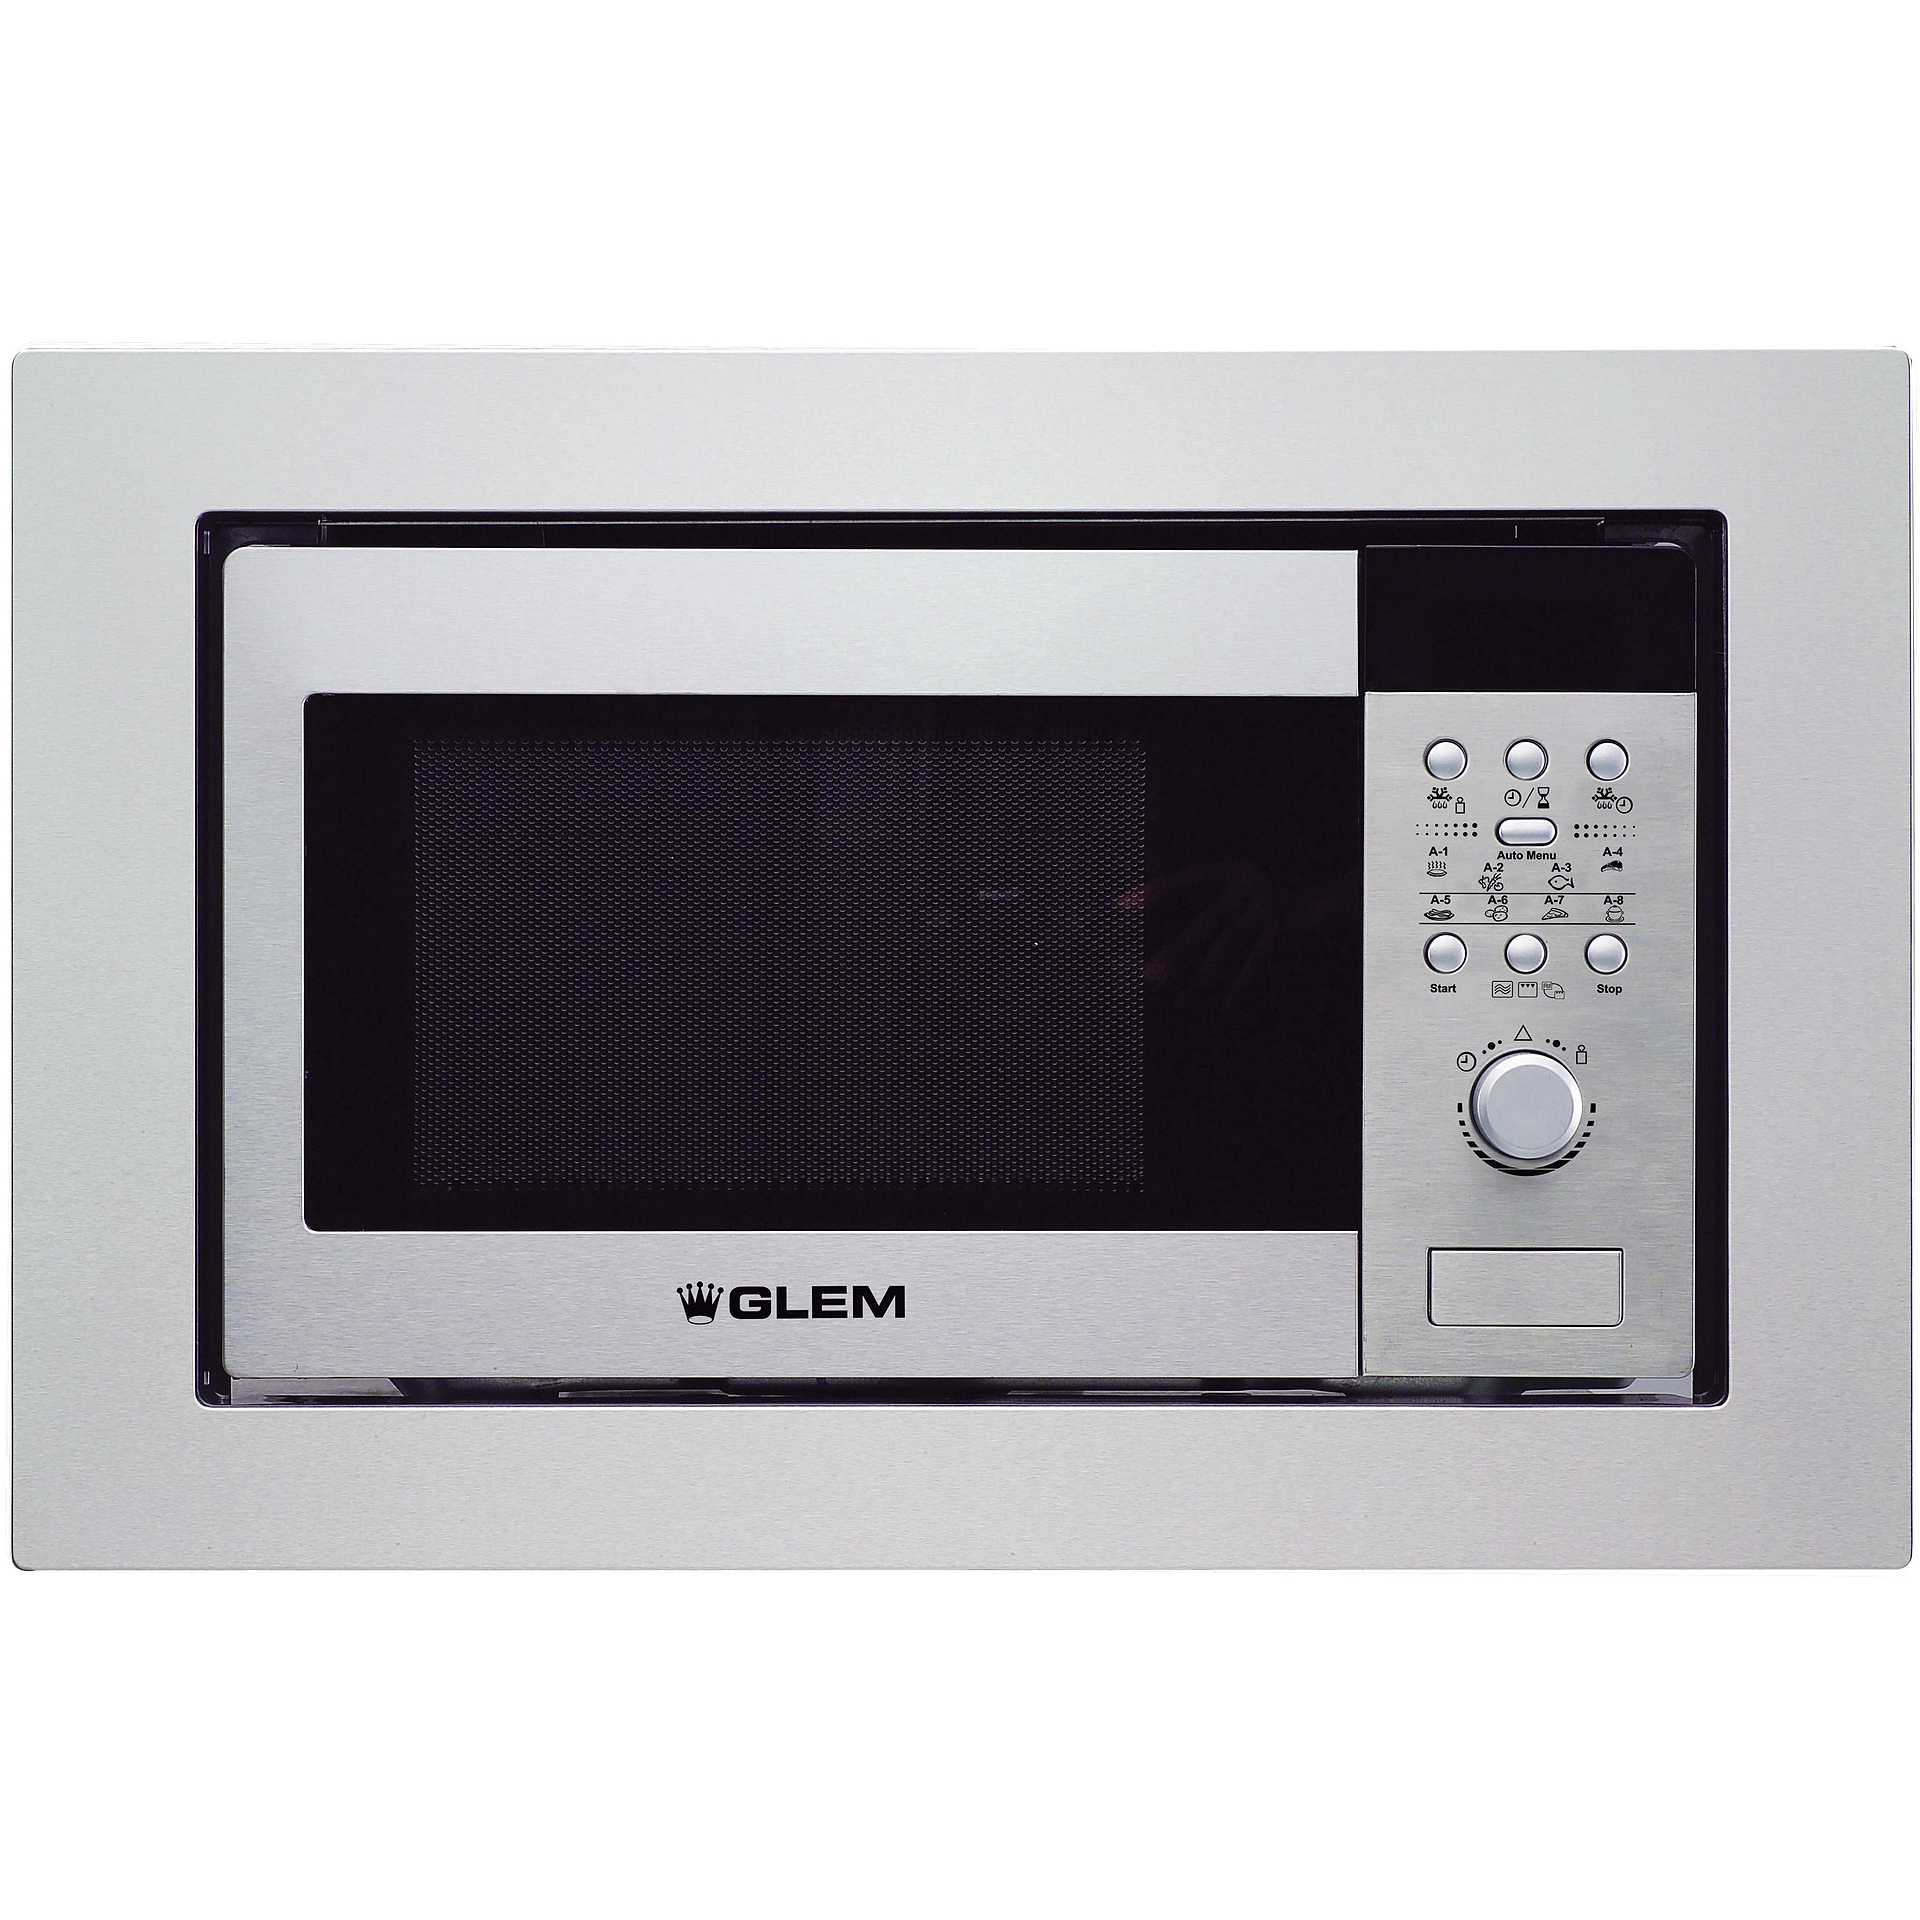 Glem gas gmi203ix forno a microonde da incasso con grill 20 litri 900 watt colore inox forni - Forno e microonde insieme ...